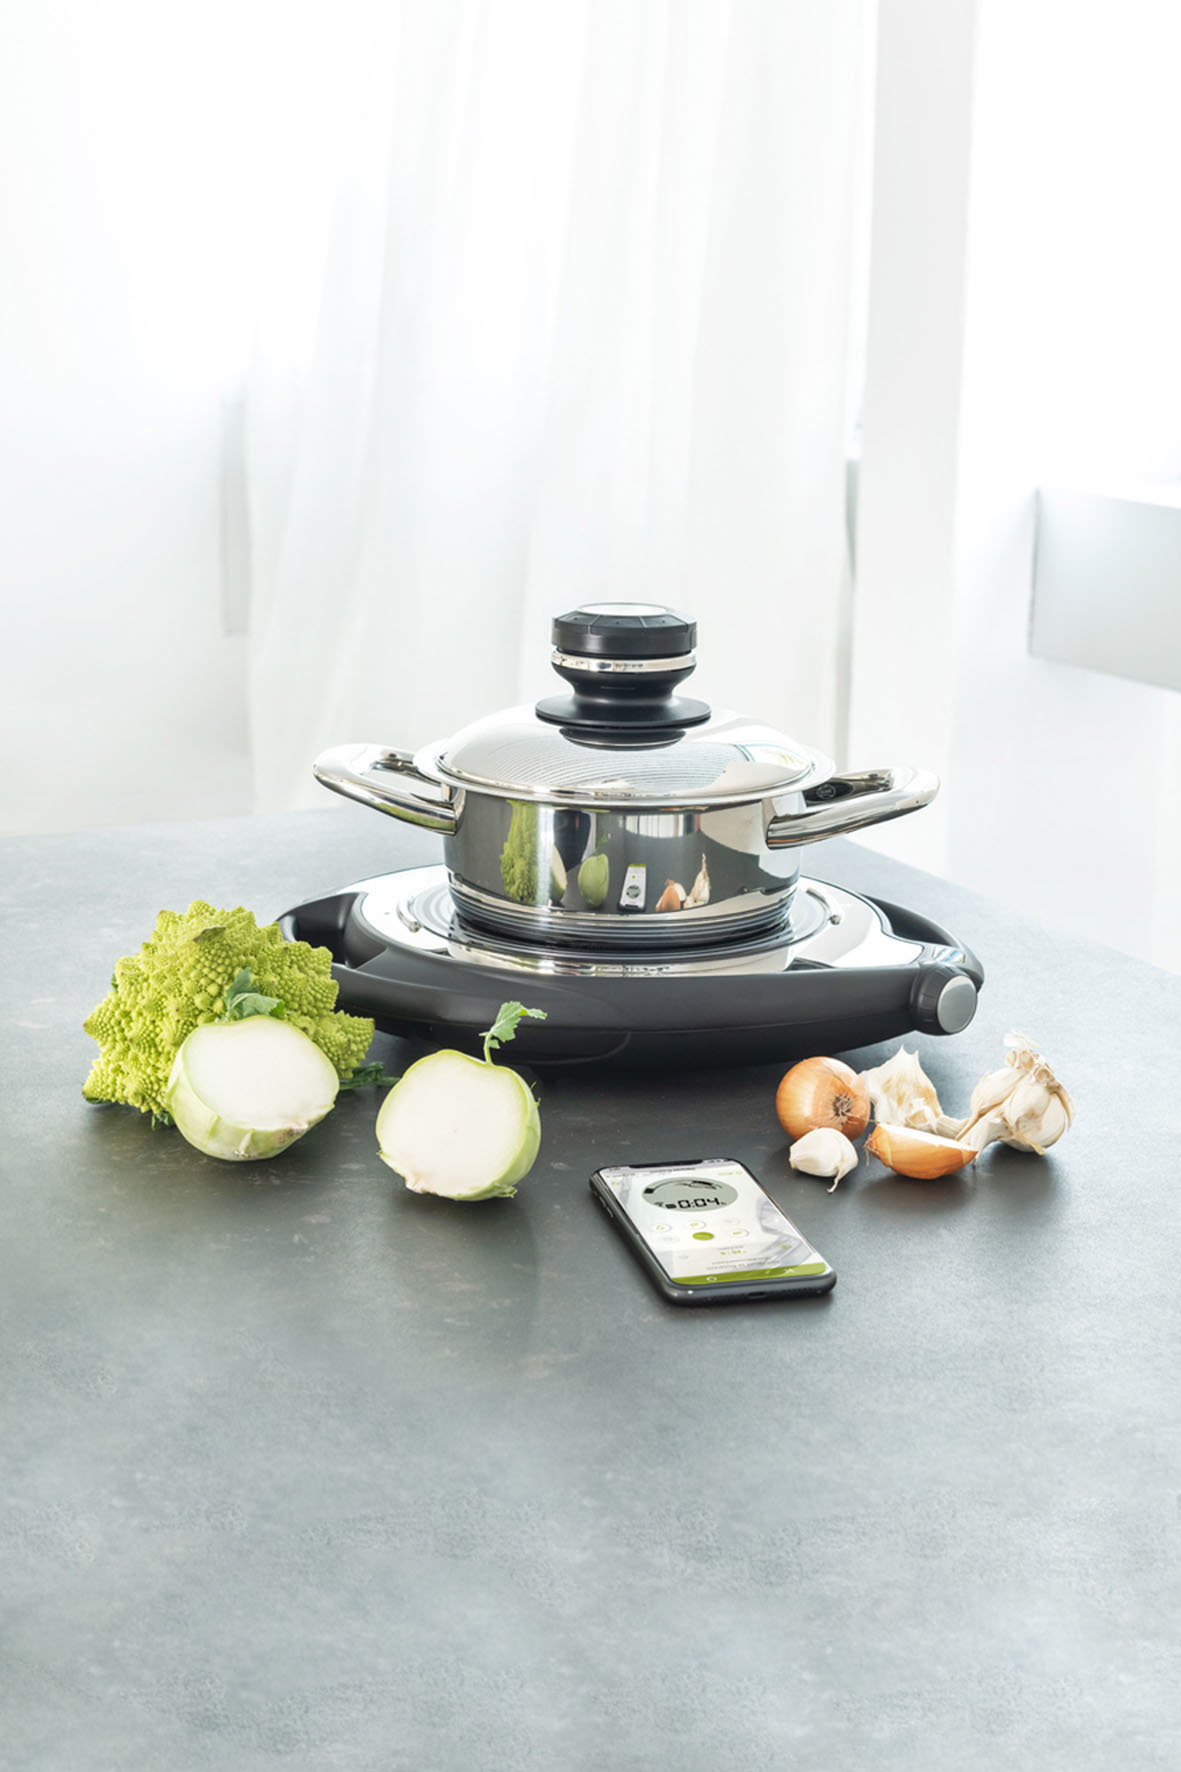 Mobile Kochstelle und smarte Küchenhelfer